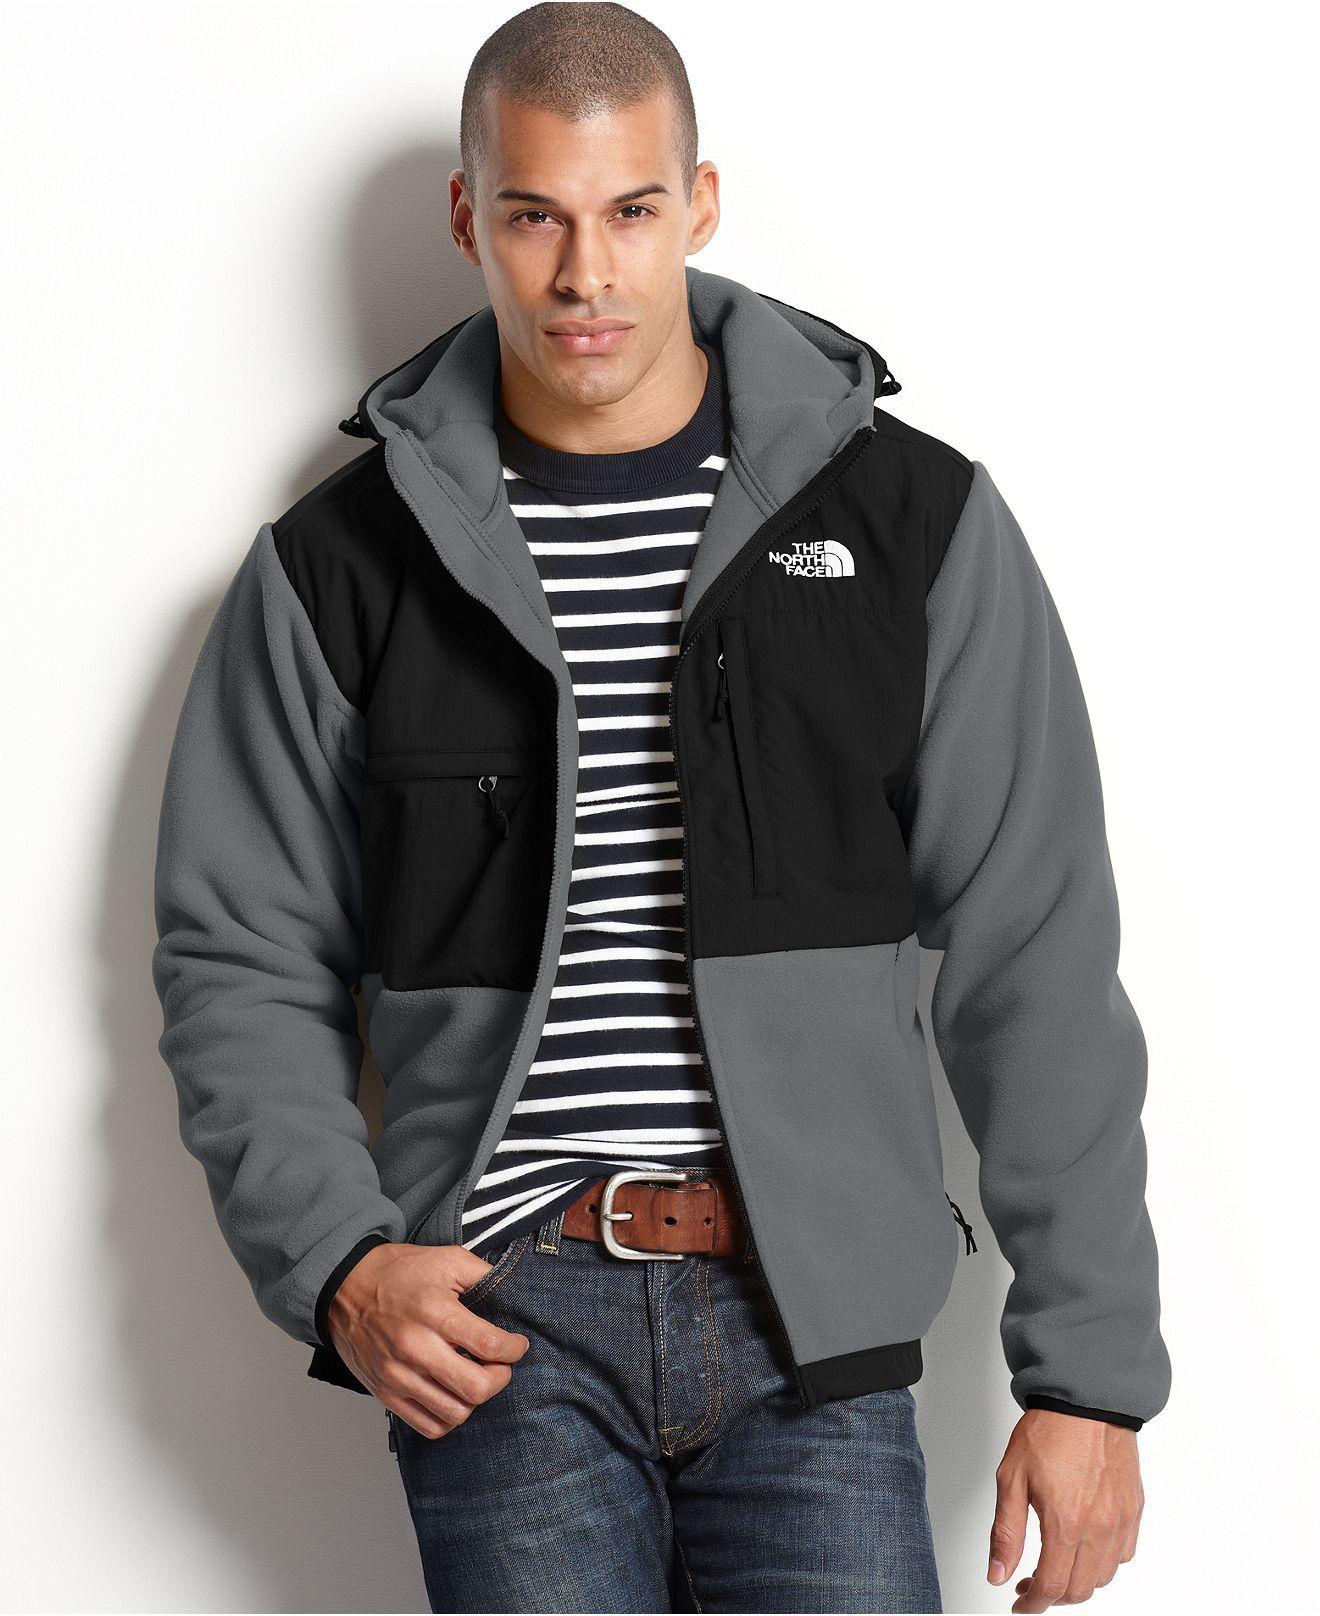 The North Face Jackets Polartec Denali Fleece Hooded Jacket Mens Coats Jackets Macy S North Face Jacket Winter Jacket North Face Jackets [ 1616 x 1320 Pixel ]